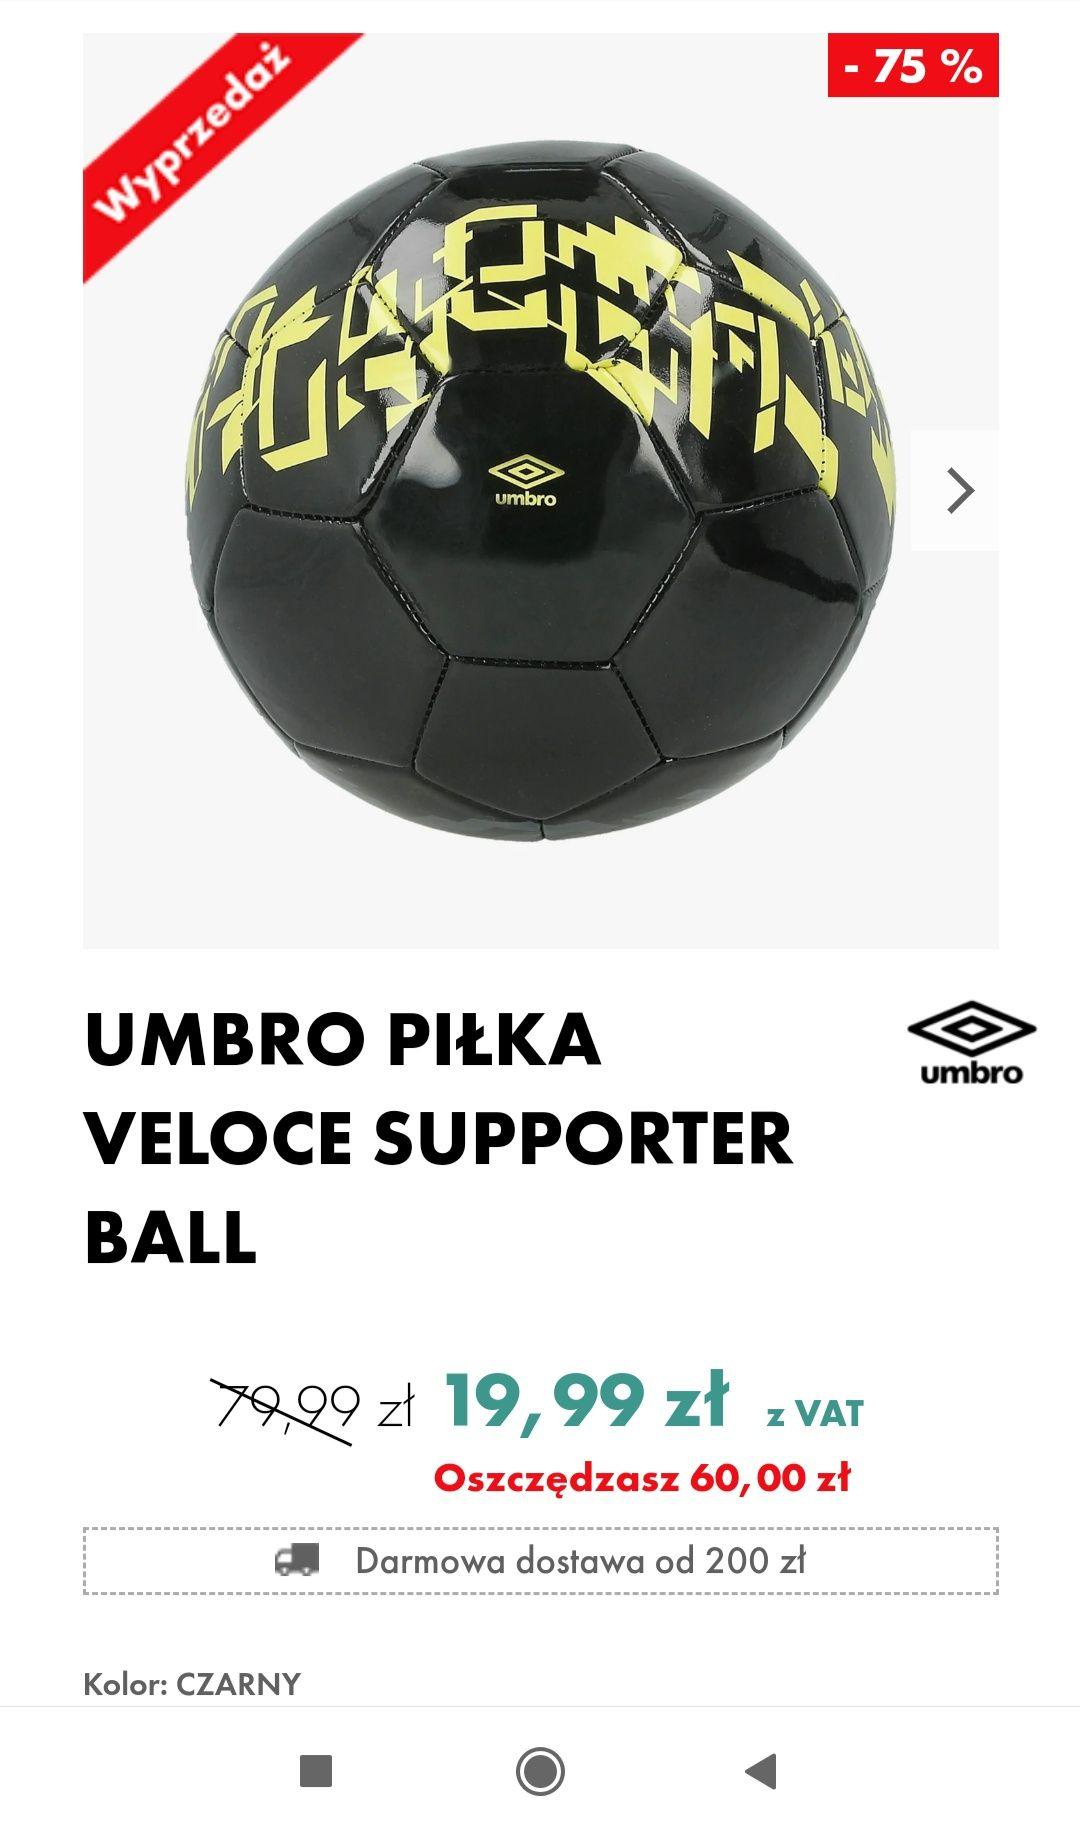 UMBRO PIŁKA VELOCE SUPPORTER BALL